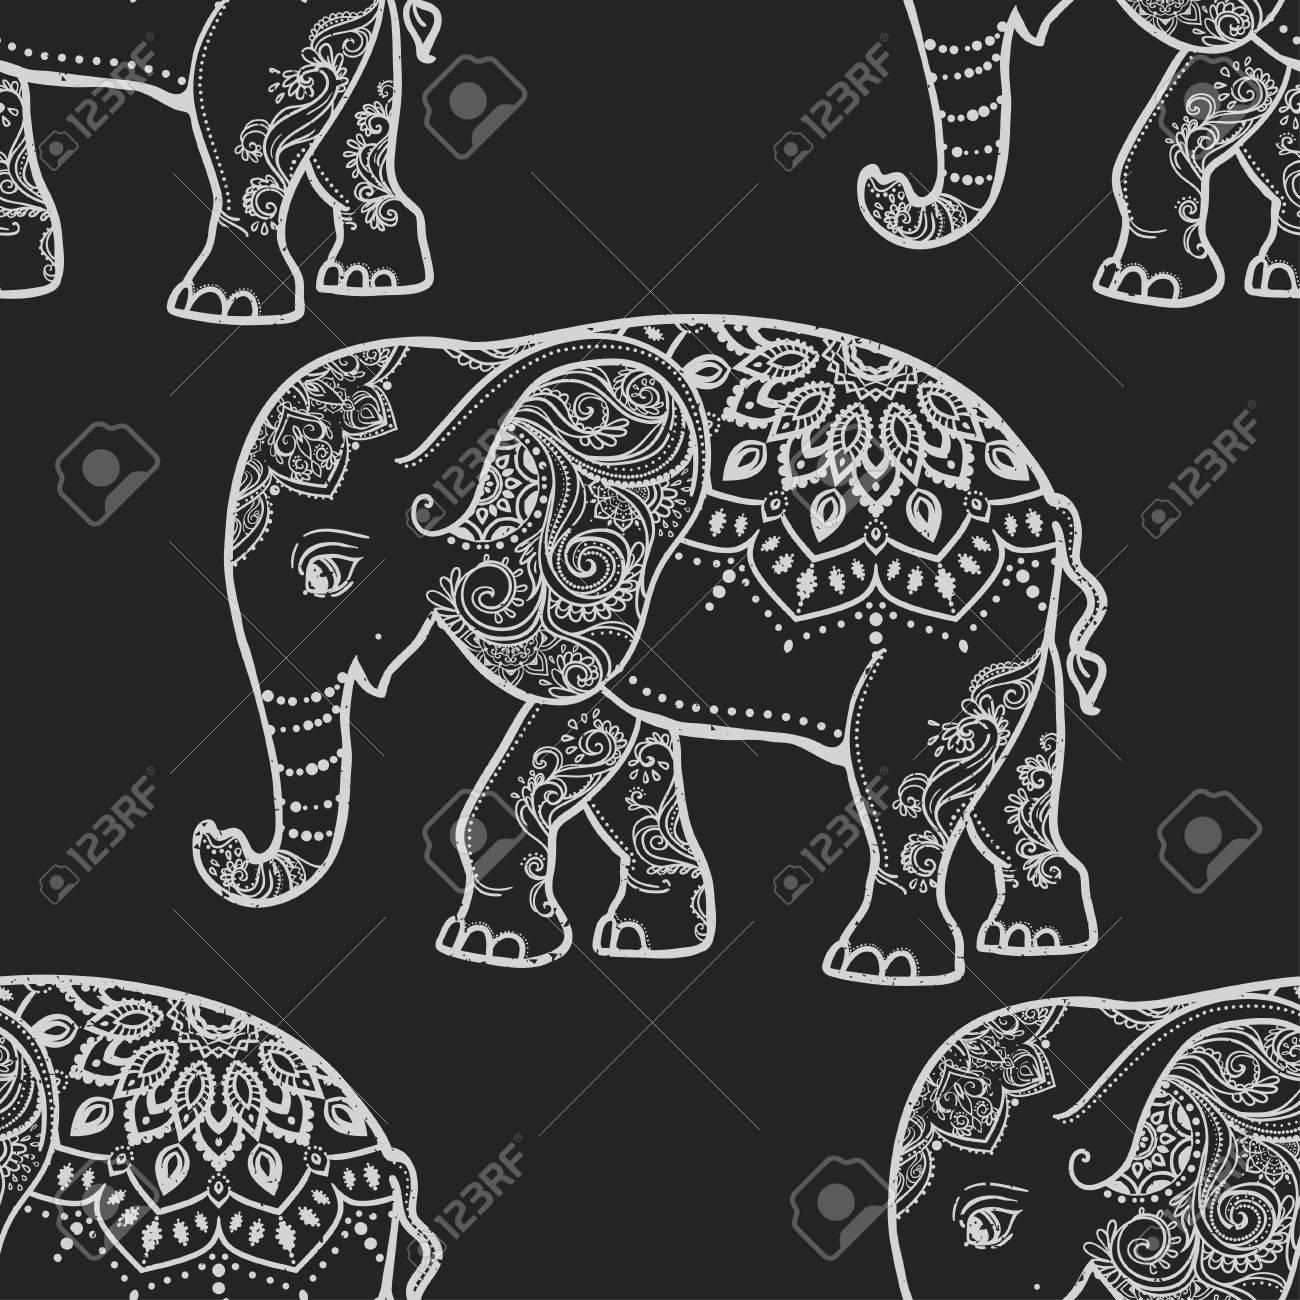 Beste Malseite Elefant Mit Design Ideen - Framing Malvorlagen ...